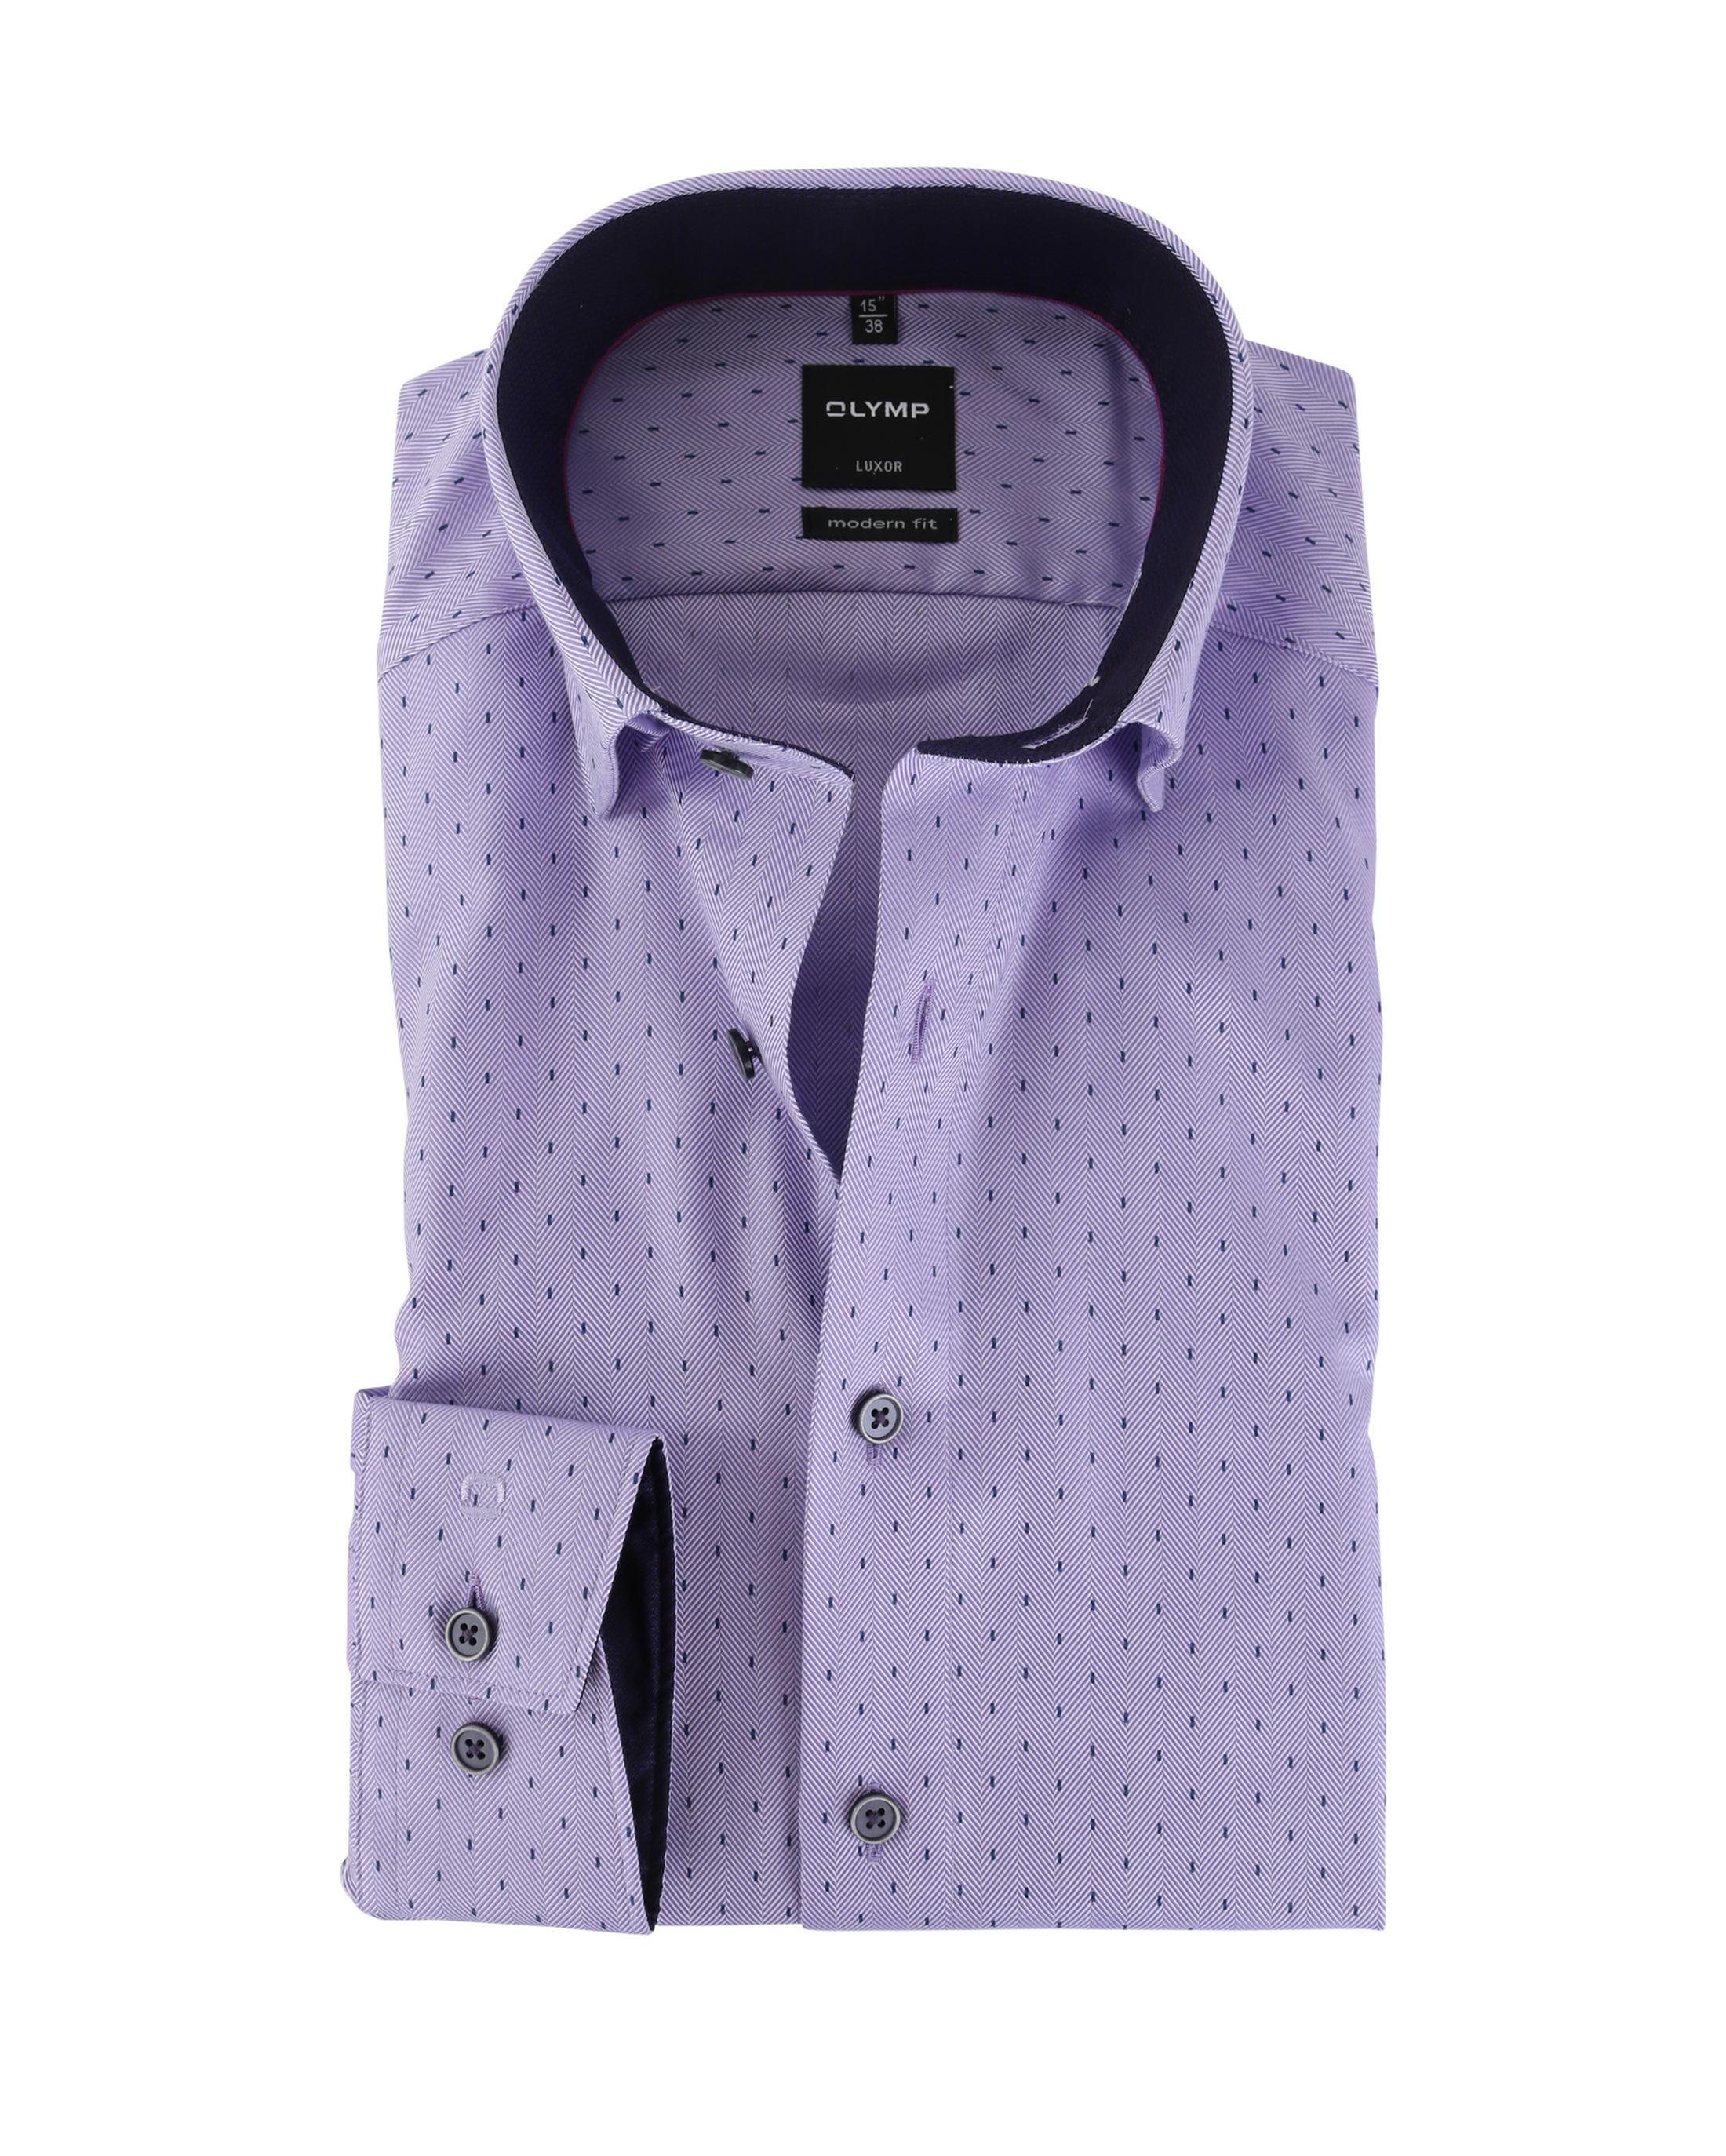 olymp strijkvrij overhemd modern fit paars visgraat online. Black Bedroom Furniture Sets. Home Design Ideas